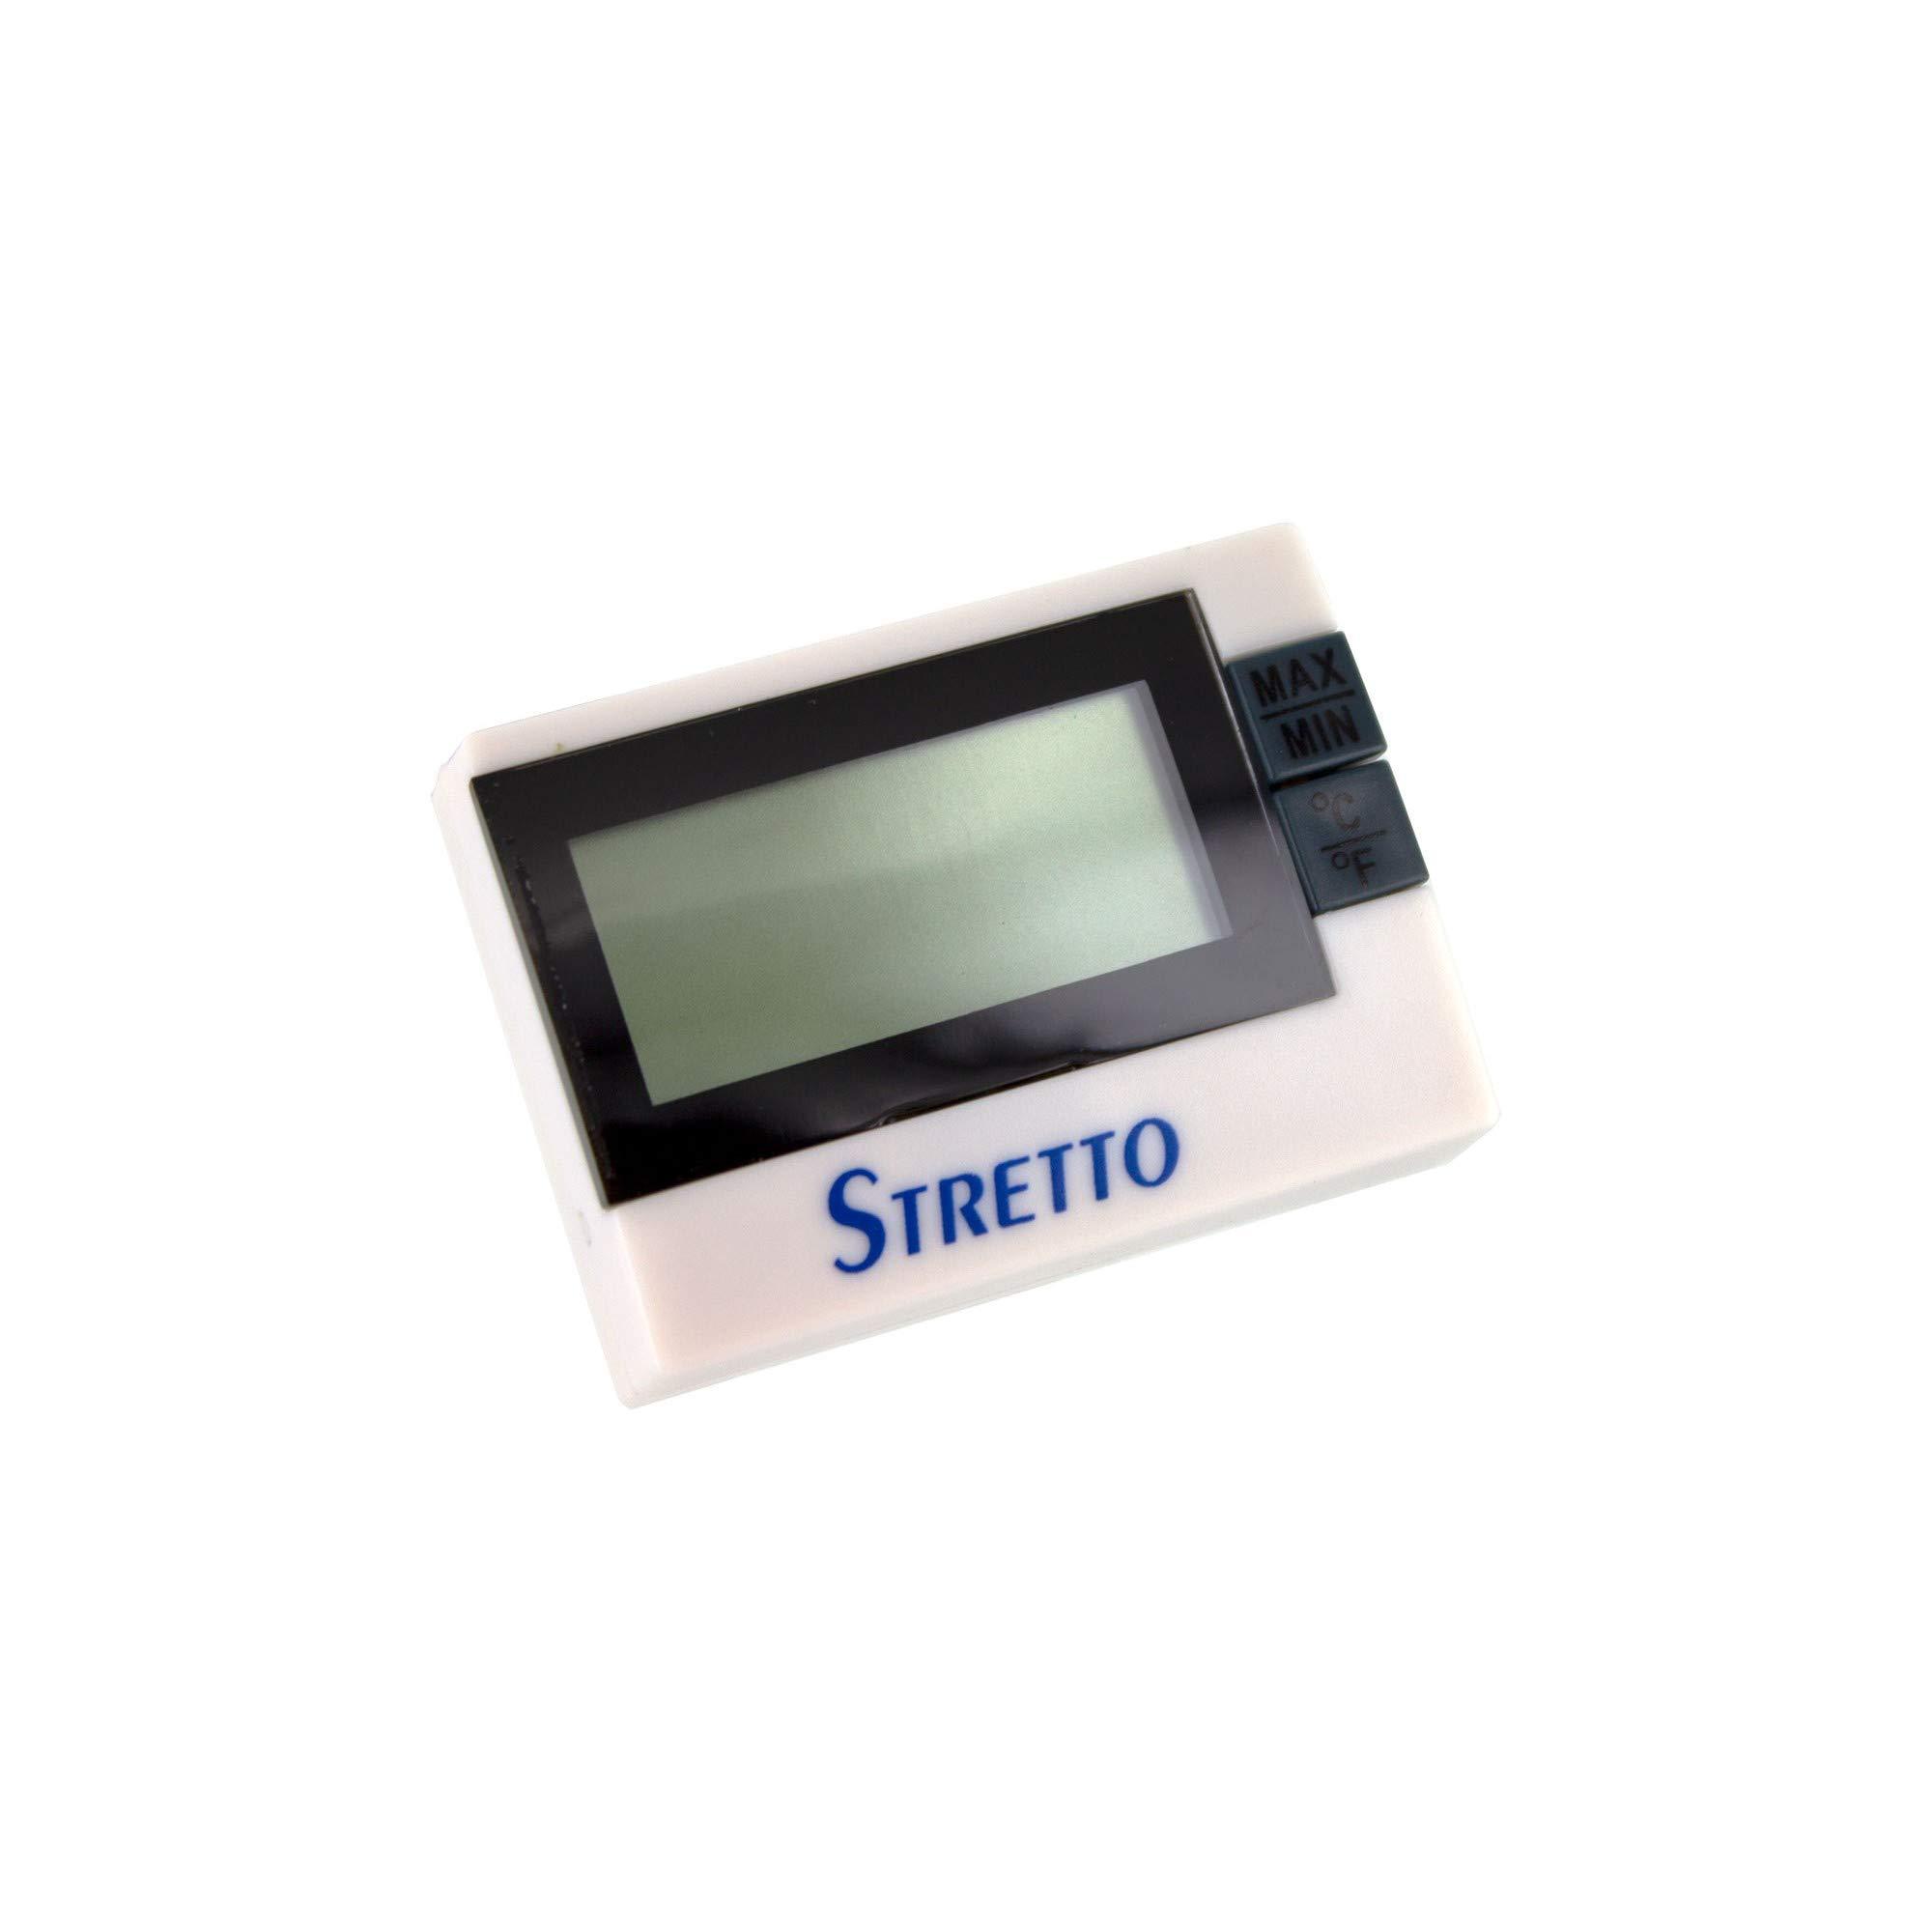 Stretto Hygro Thermometer Unit